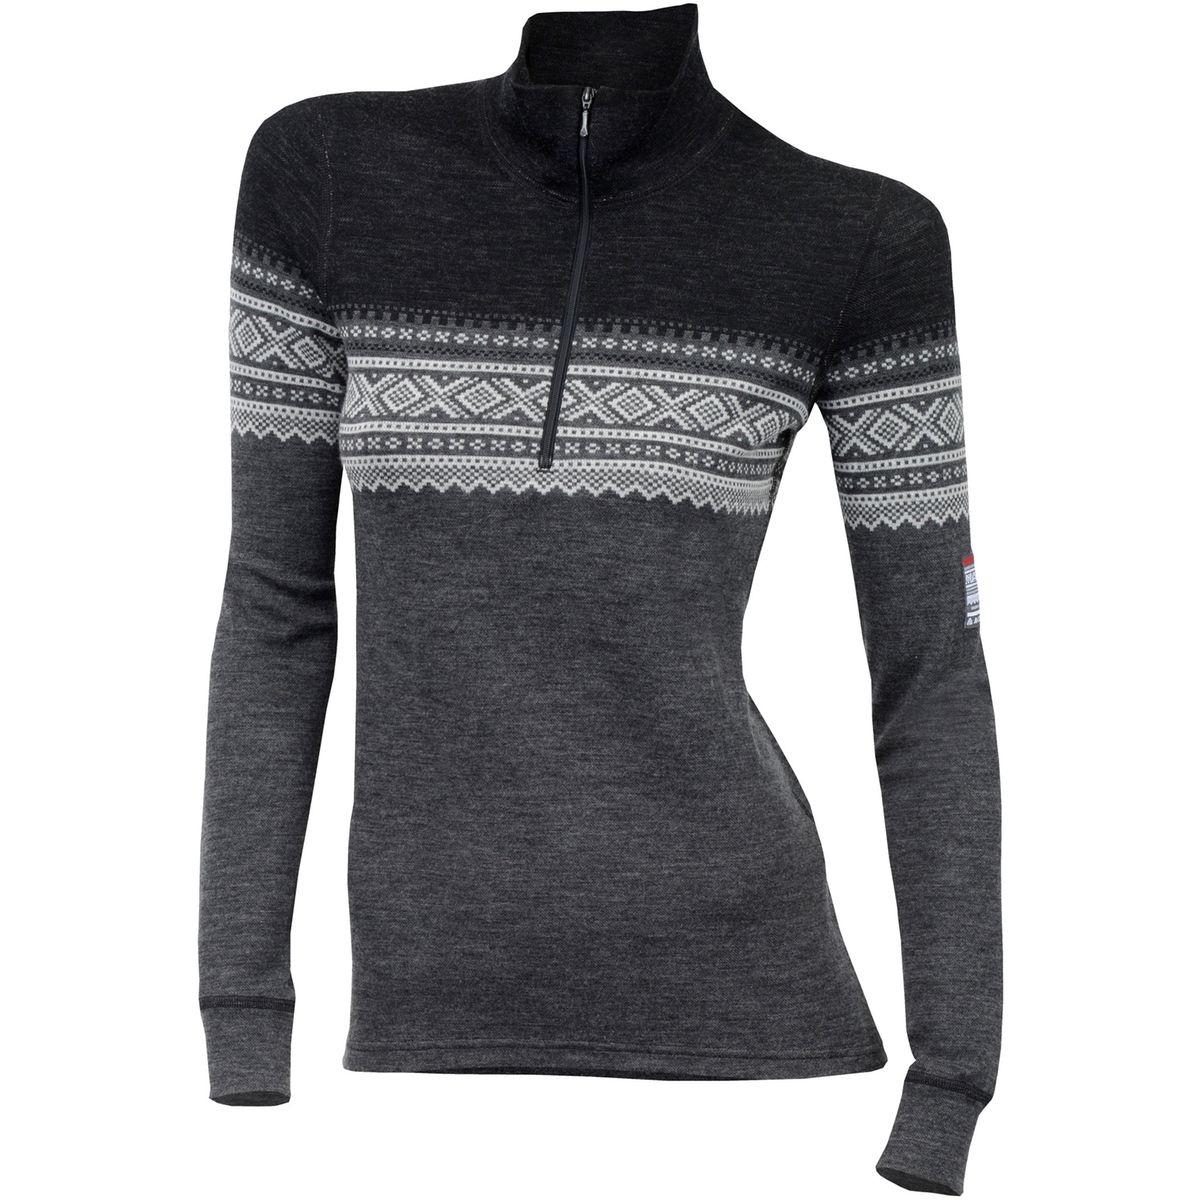 DesignWool Marius - Sous-vêtement - gris